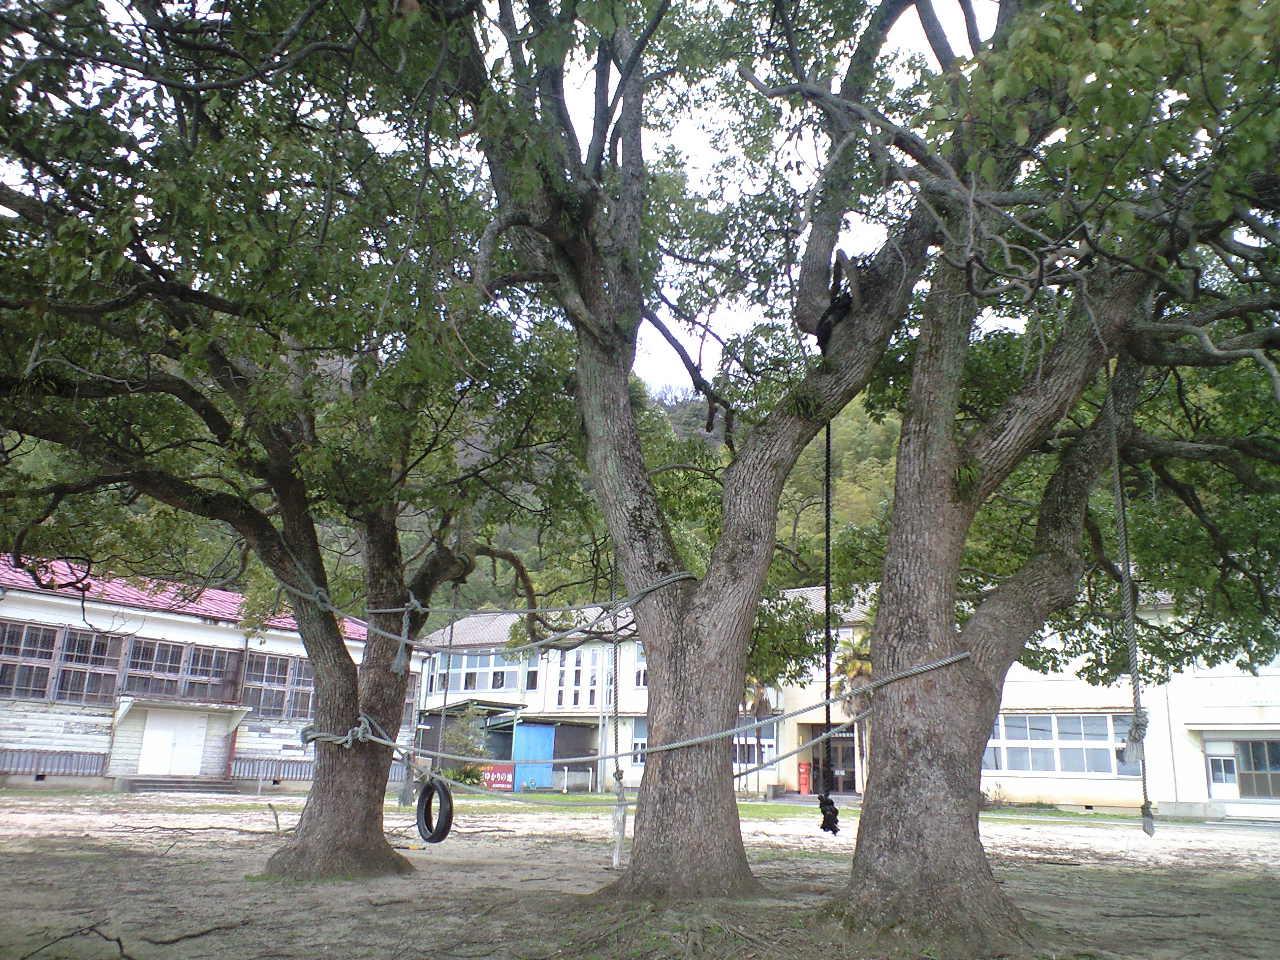 大きなクスの木のブランコで遊んだ記憶